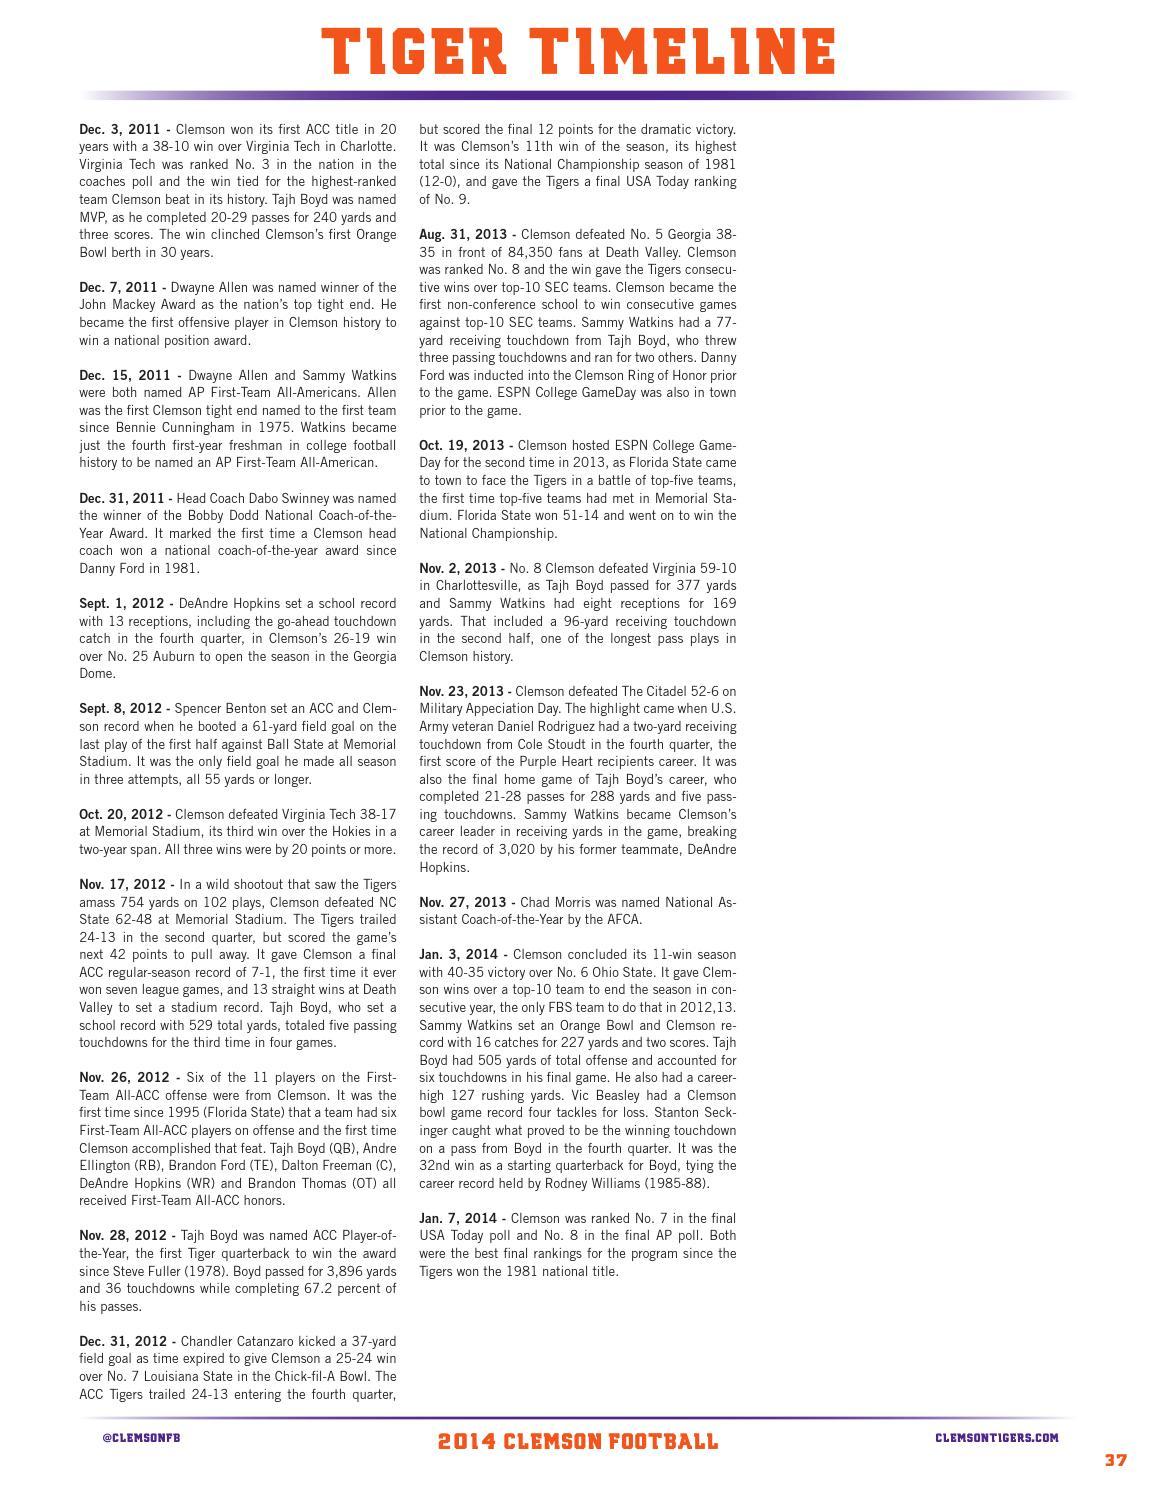 2014 Clemson Football Media Guide Supplement by Clemson